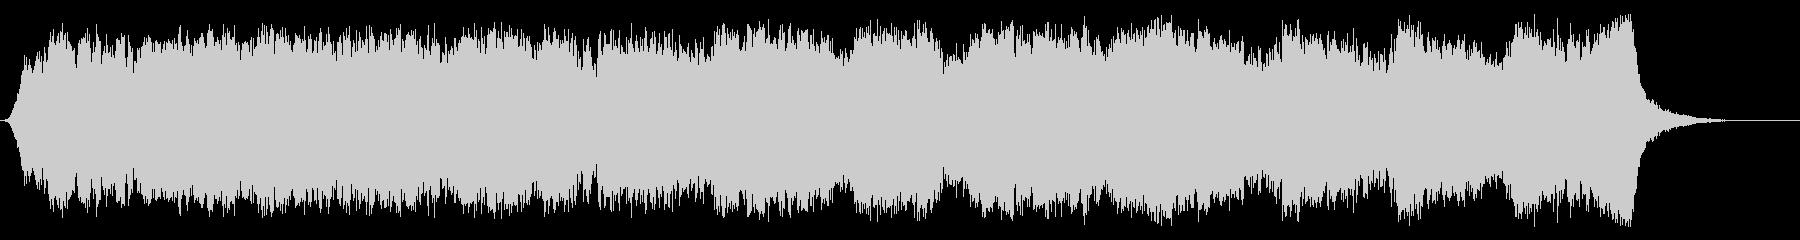 世界破滅を描くハリウッド系オーケストラの未再生の波形